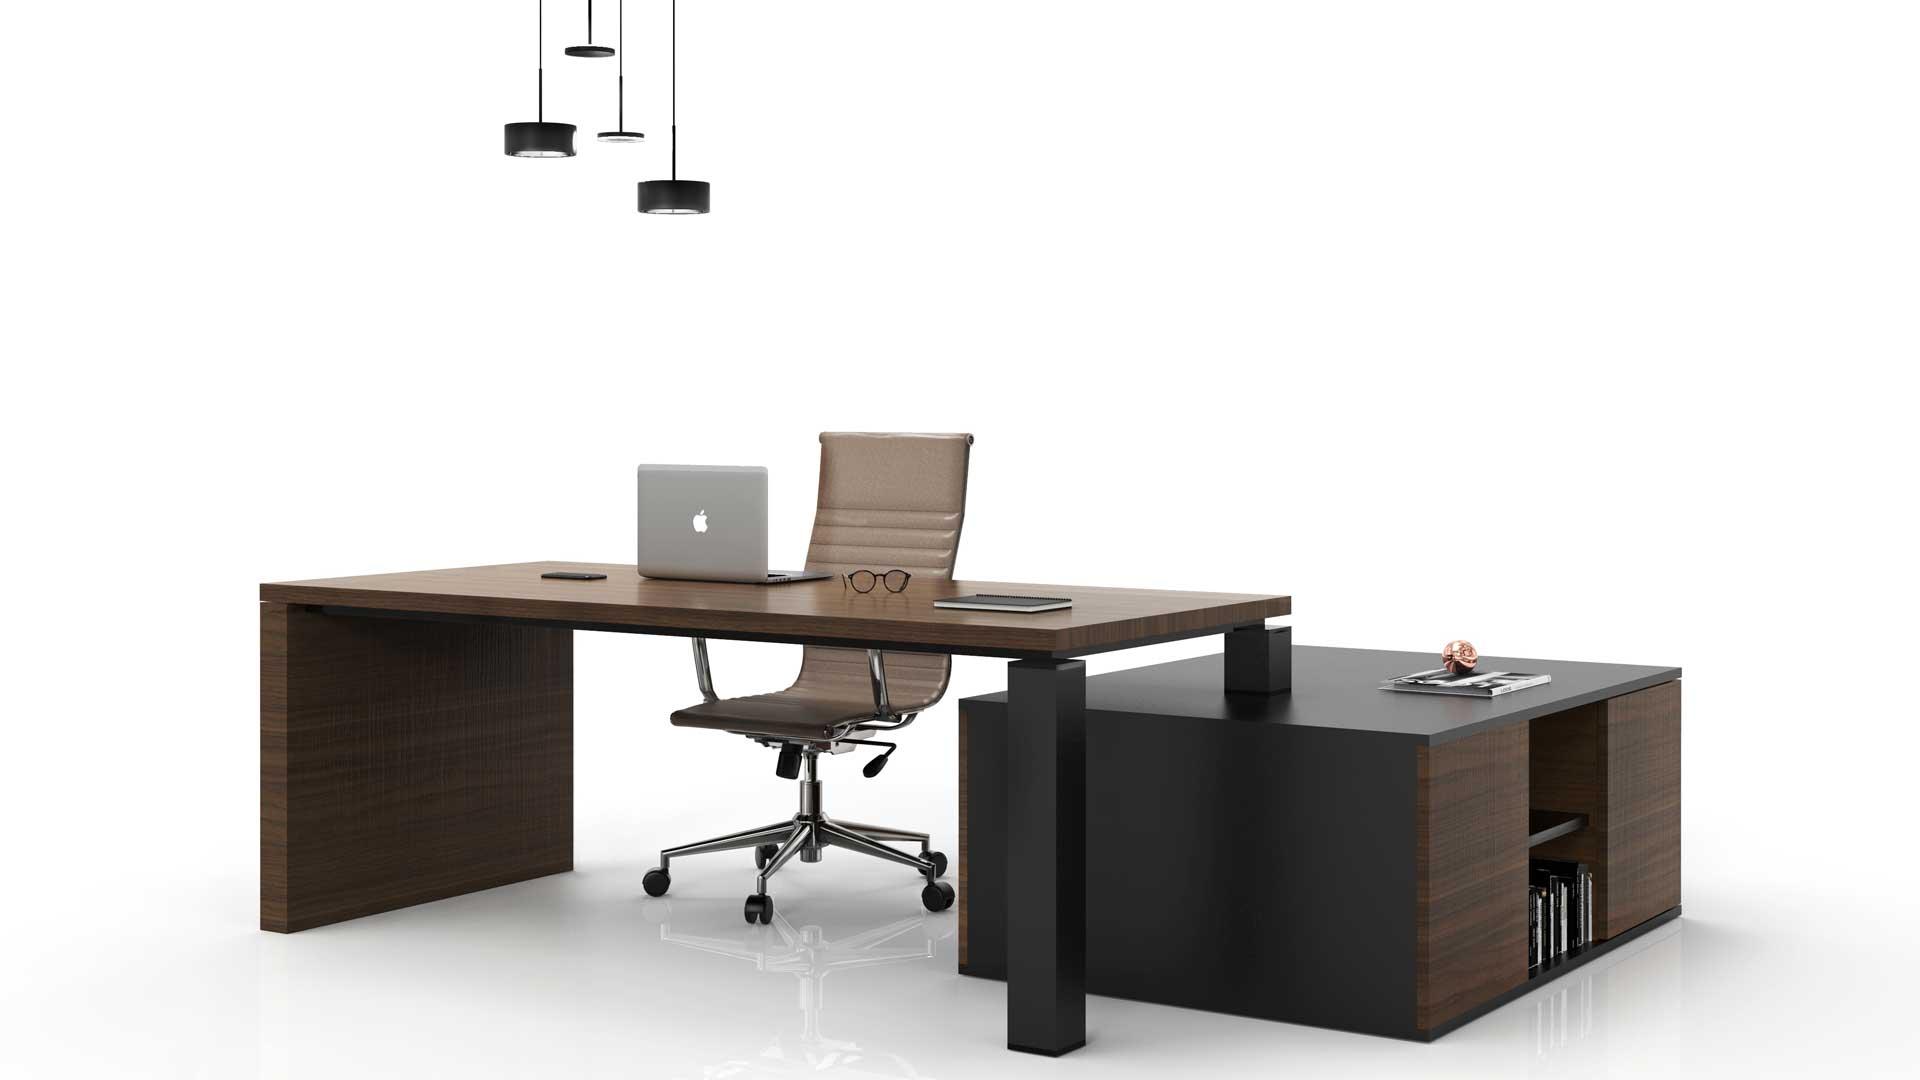 Tavoli-direzionali-per-ufficio-quali-scegliere-Level-Office-Landscape